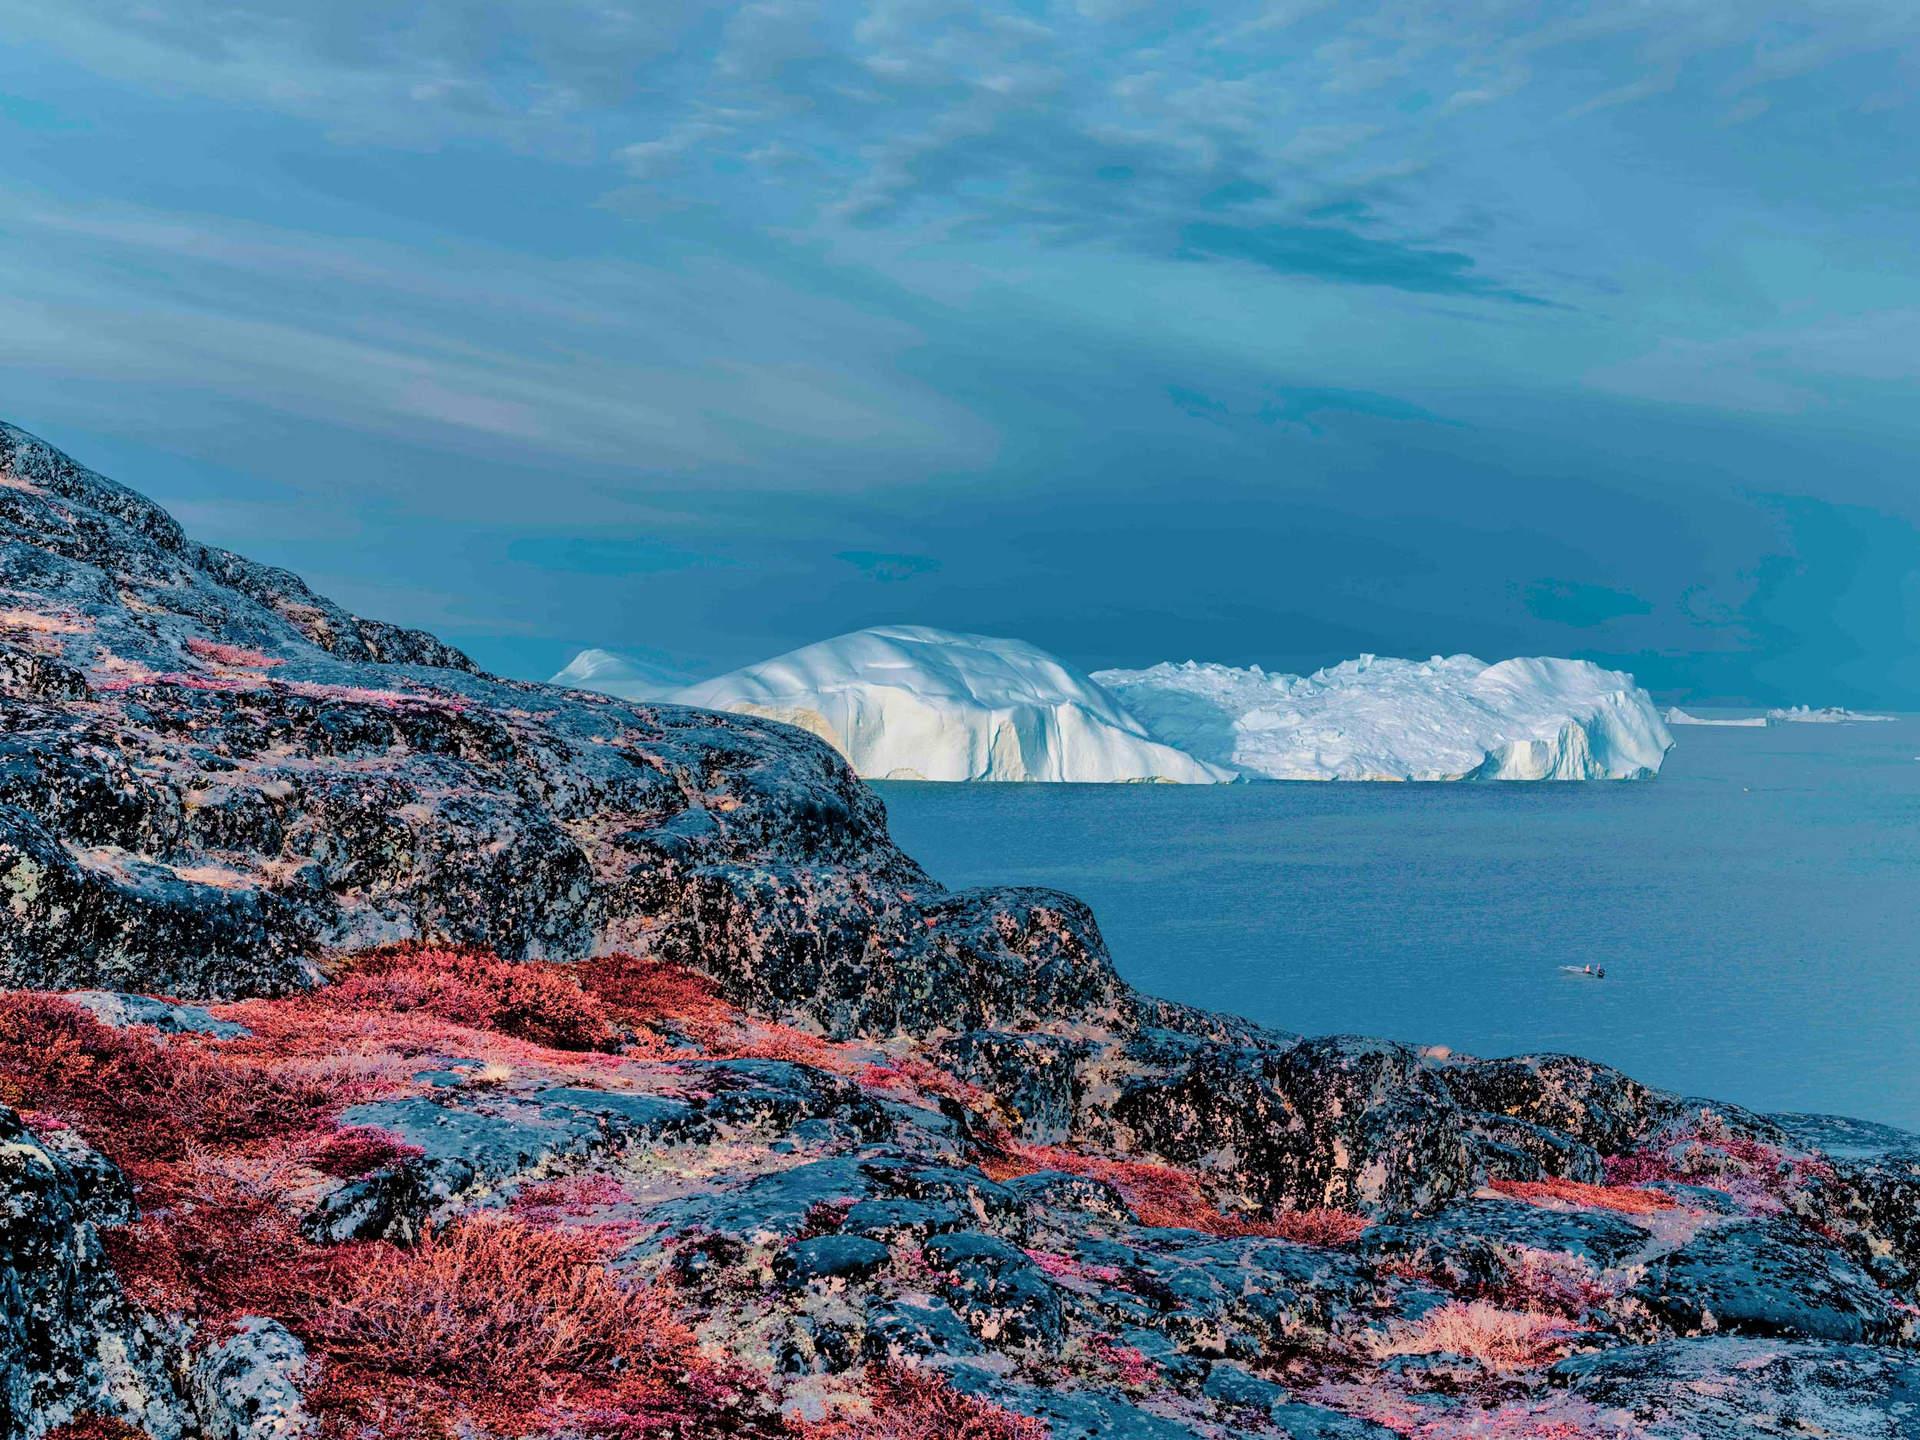 Disko-Bay,-Ilulissat7_-Greenland-DineshB